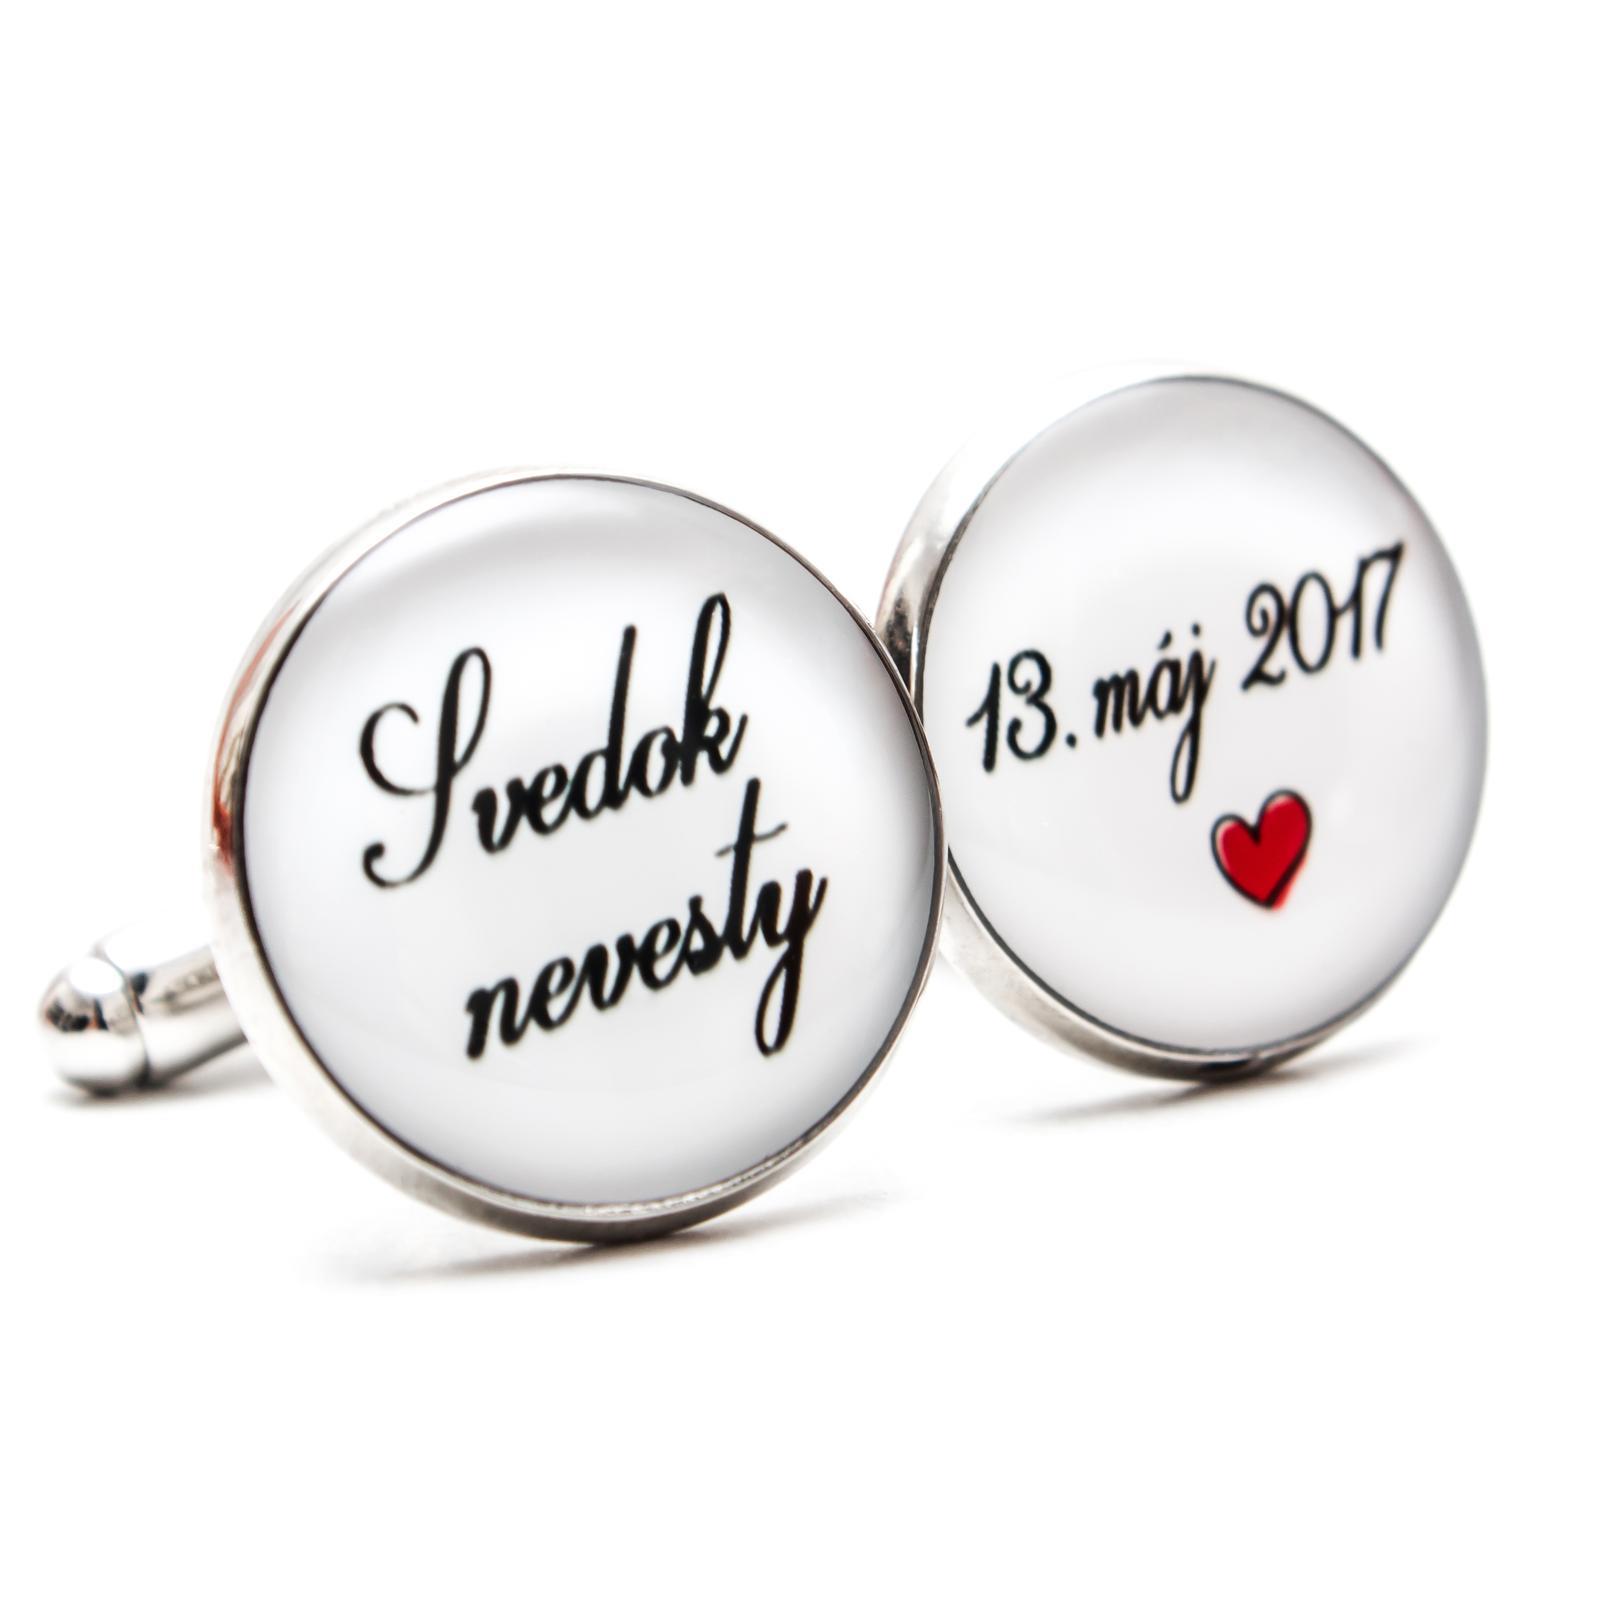 ♥  Manžetové gombíky na mieru - presne podľa Tvojich predstáv ♥ - Svedok nevesty s dátumom a ♥